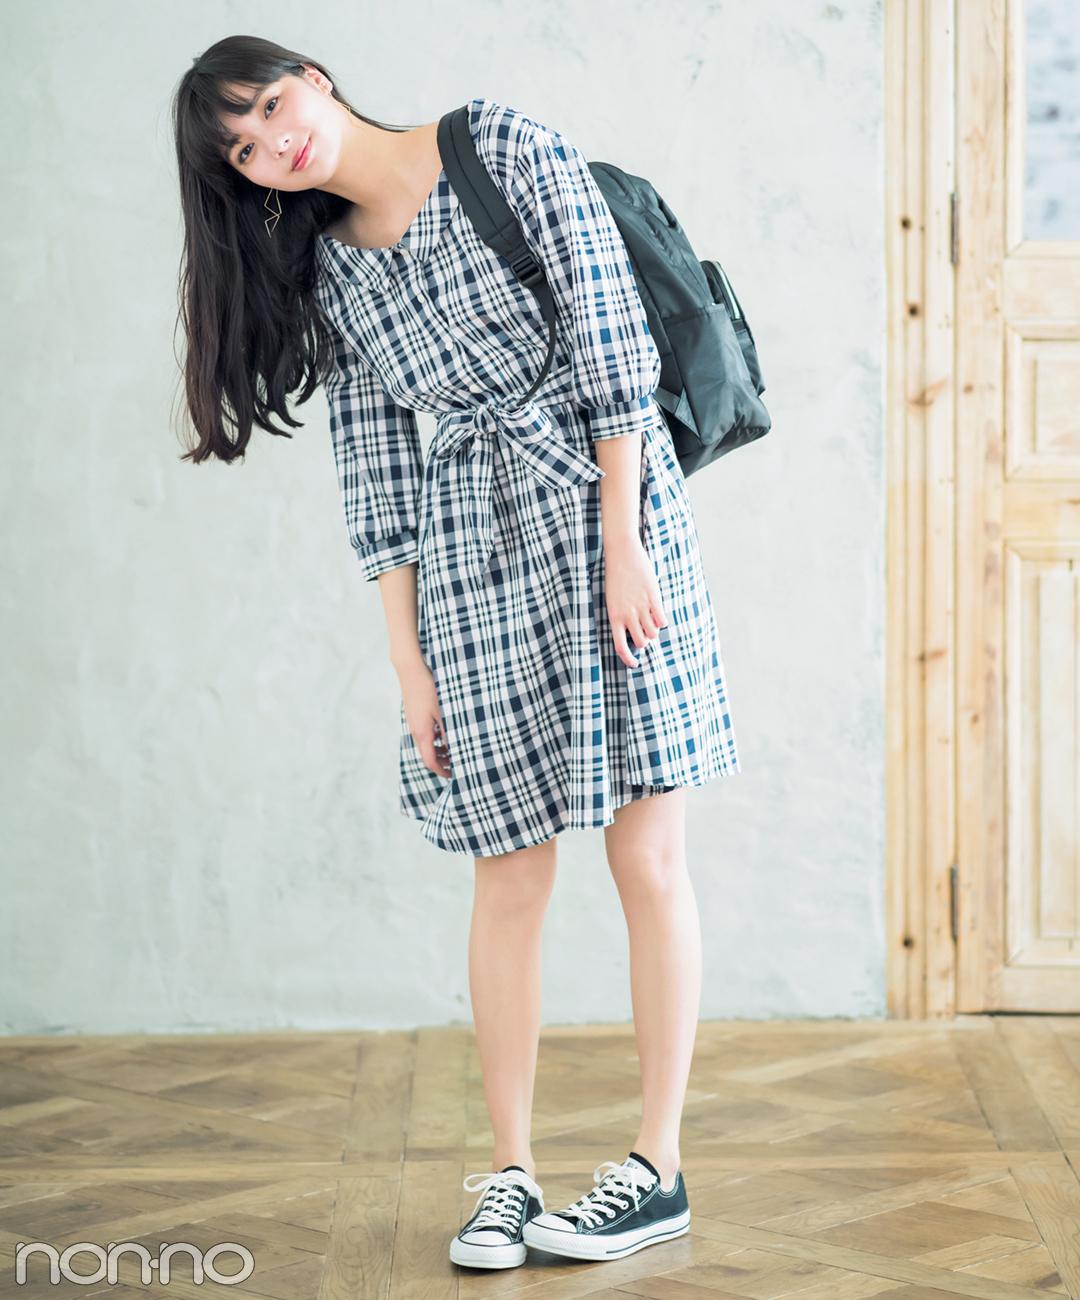 【夏のワンピースコーデ】新川優愛は、チェックワンピ×黒リュック&スニーカーでカジュアル通学コーデ